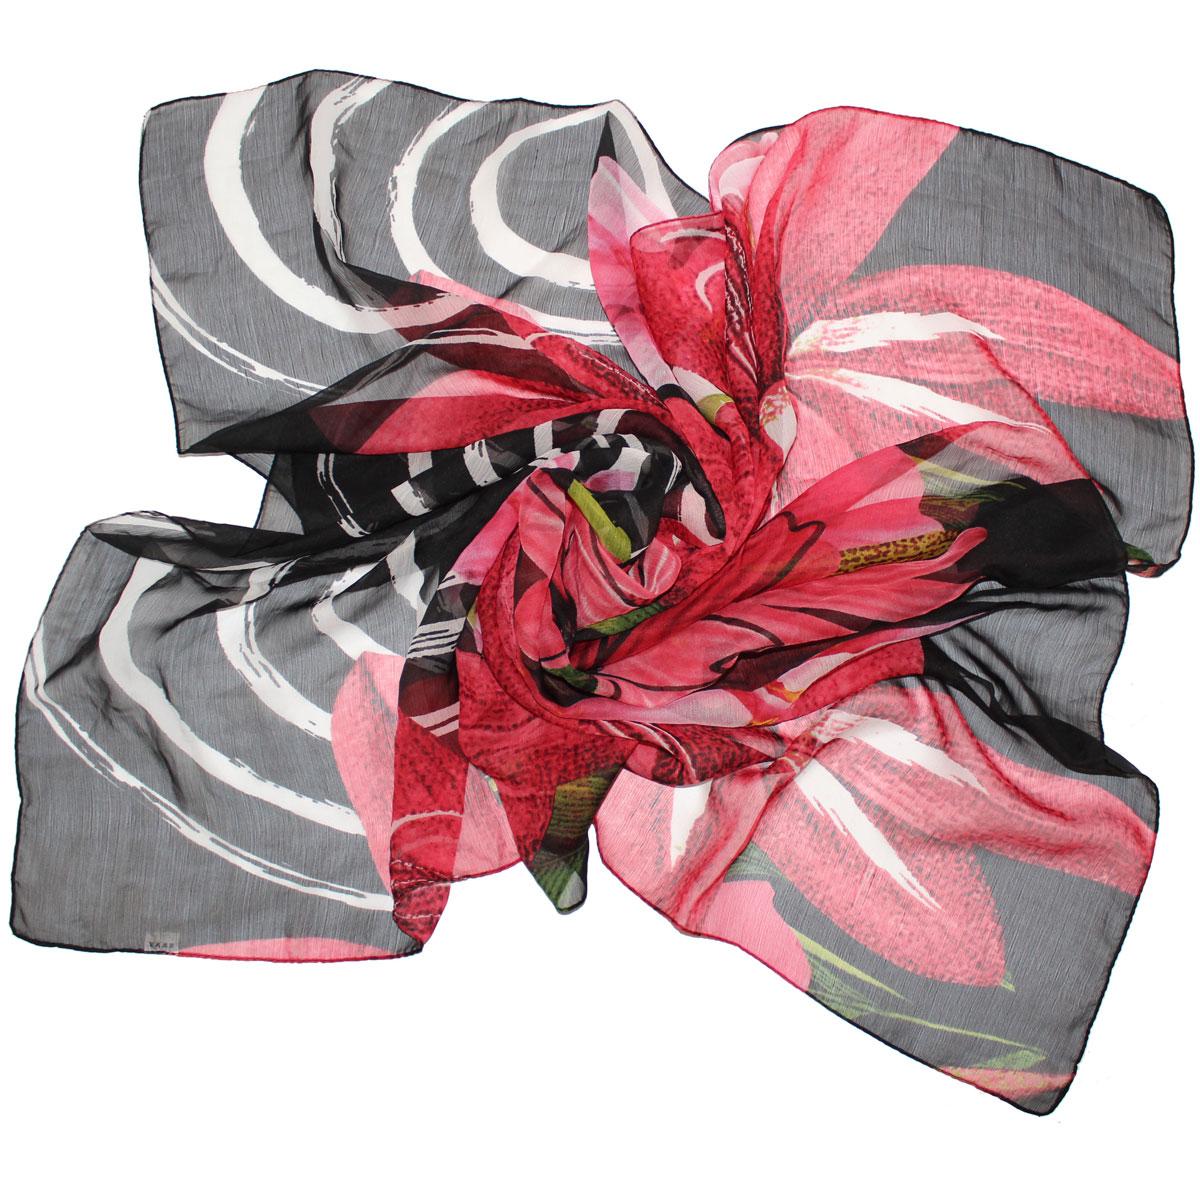 Платок женский Ethnica, цвет: розовый, черный, зеленый. 524040н. Размер 105 см x 105 см524040нПлаток Ethnica, выполненный из вискозы, гармонично дополнит образ современной женщины. Благодаря своему составу, он легкий, мягкий и приятный на ощупь. Модель оформлена крупным цветочным принтом.Классическая квадратная форма позволяет носить платок на шее, украшать им прическу или декорировать сумочку. С таким платком вы всегда будете выглядеть женственно и привлекательно.